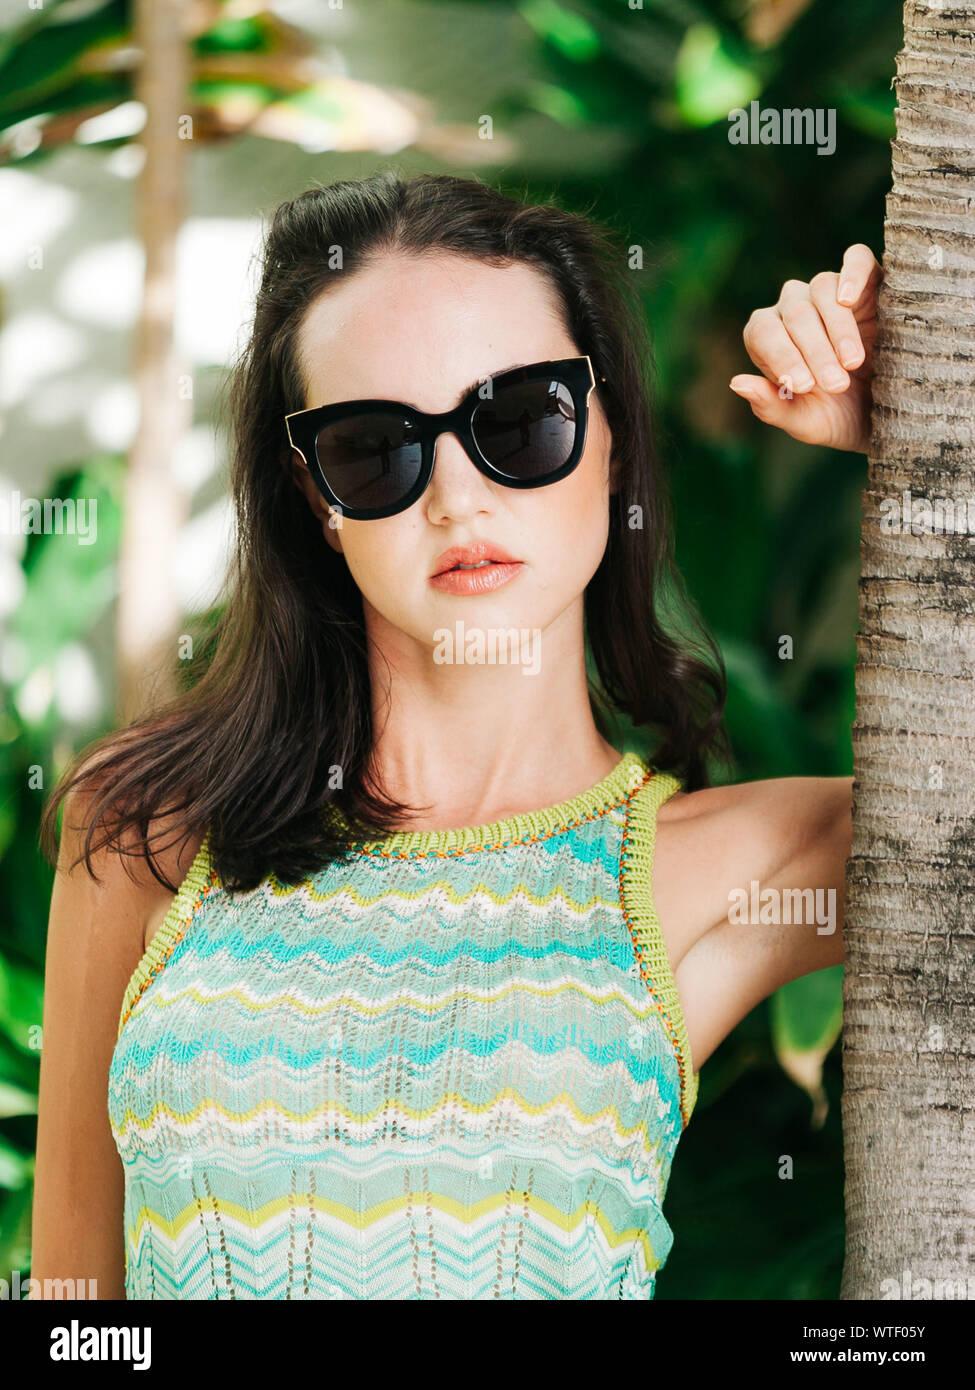 Jeune femme portant des lunettes de soleil Banque D'Images